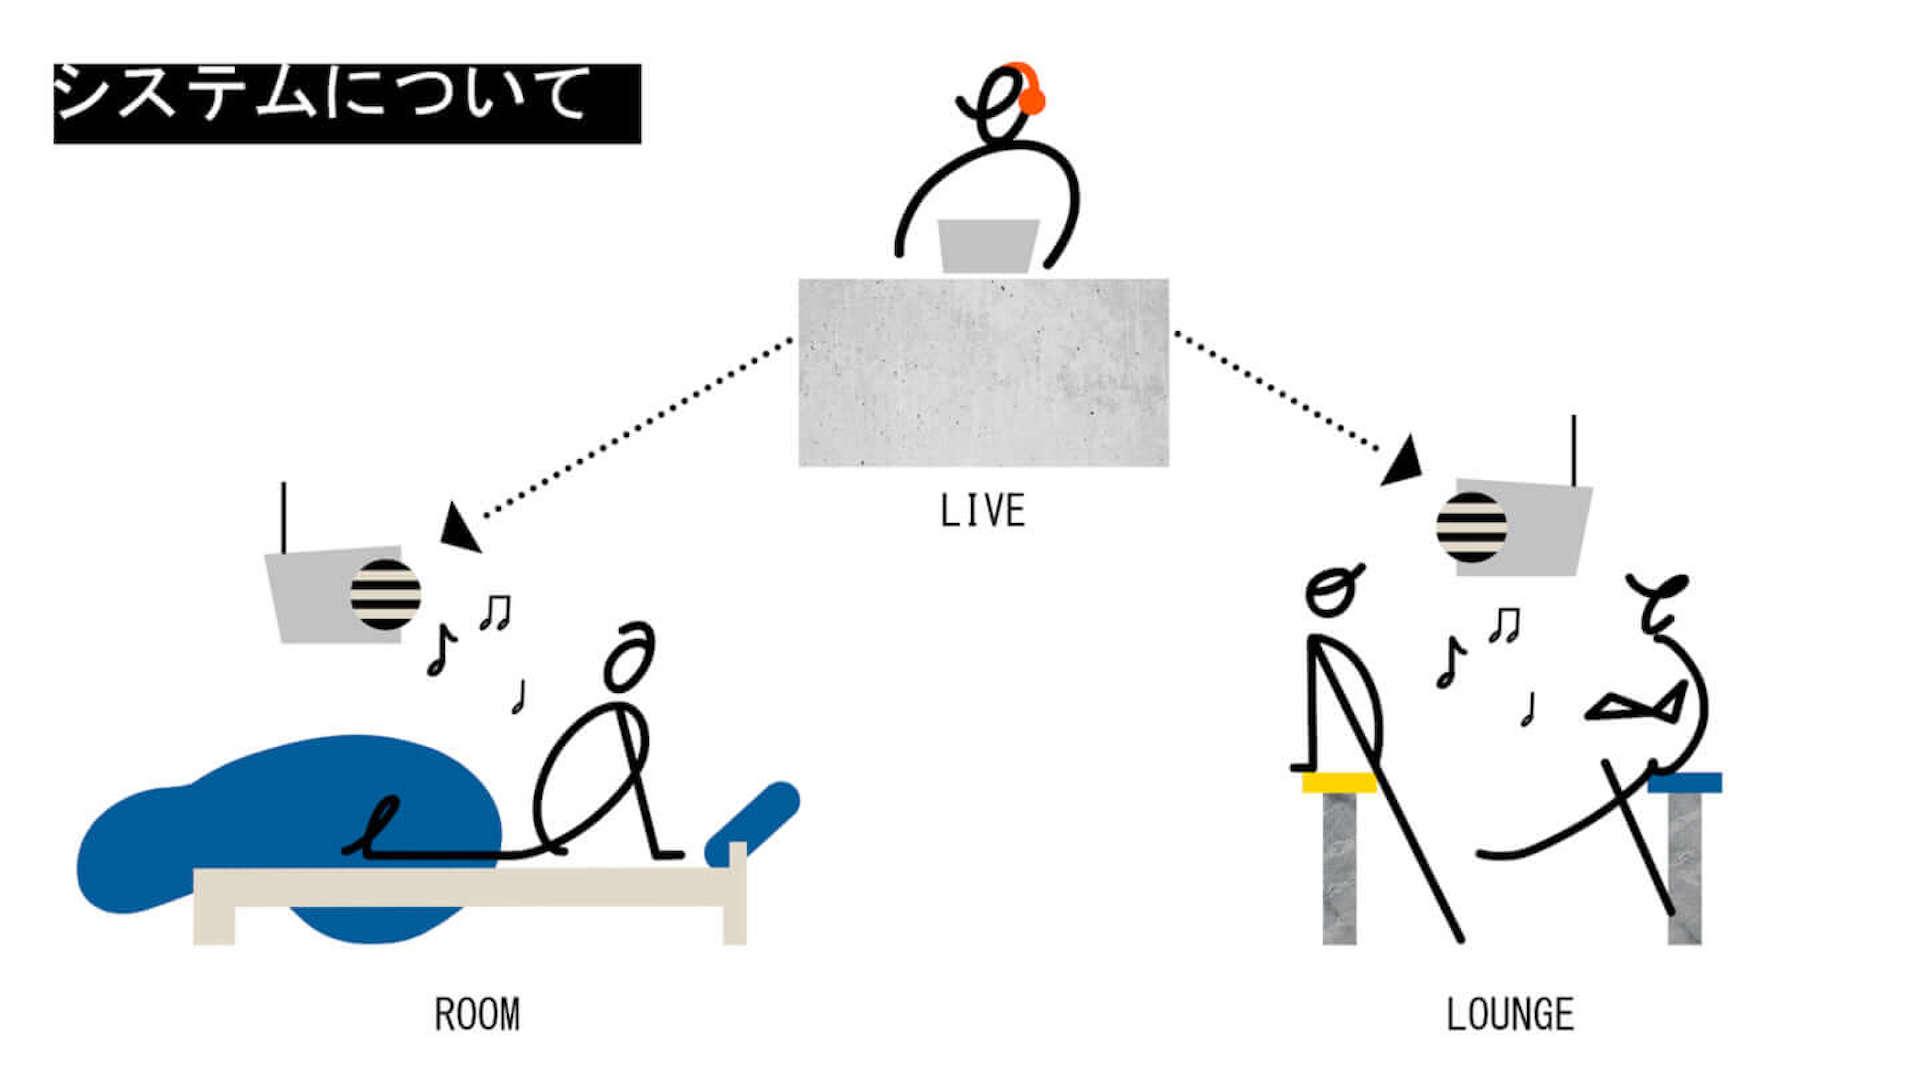 宿泊型アンビエントライブイベント「STAY IN AMBIENT」が開催。Seihoによる限定ライブも